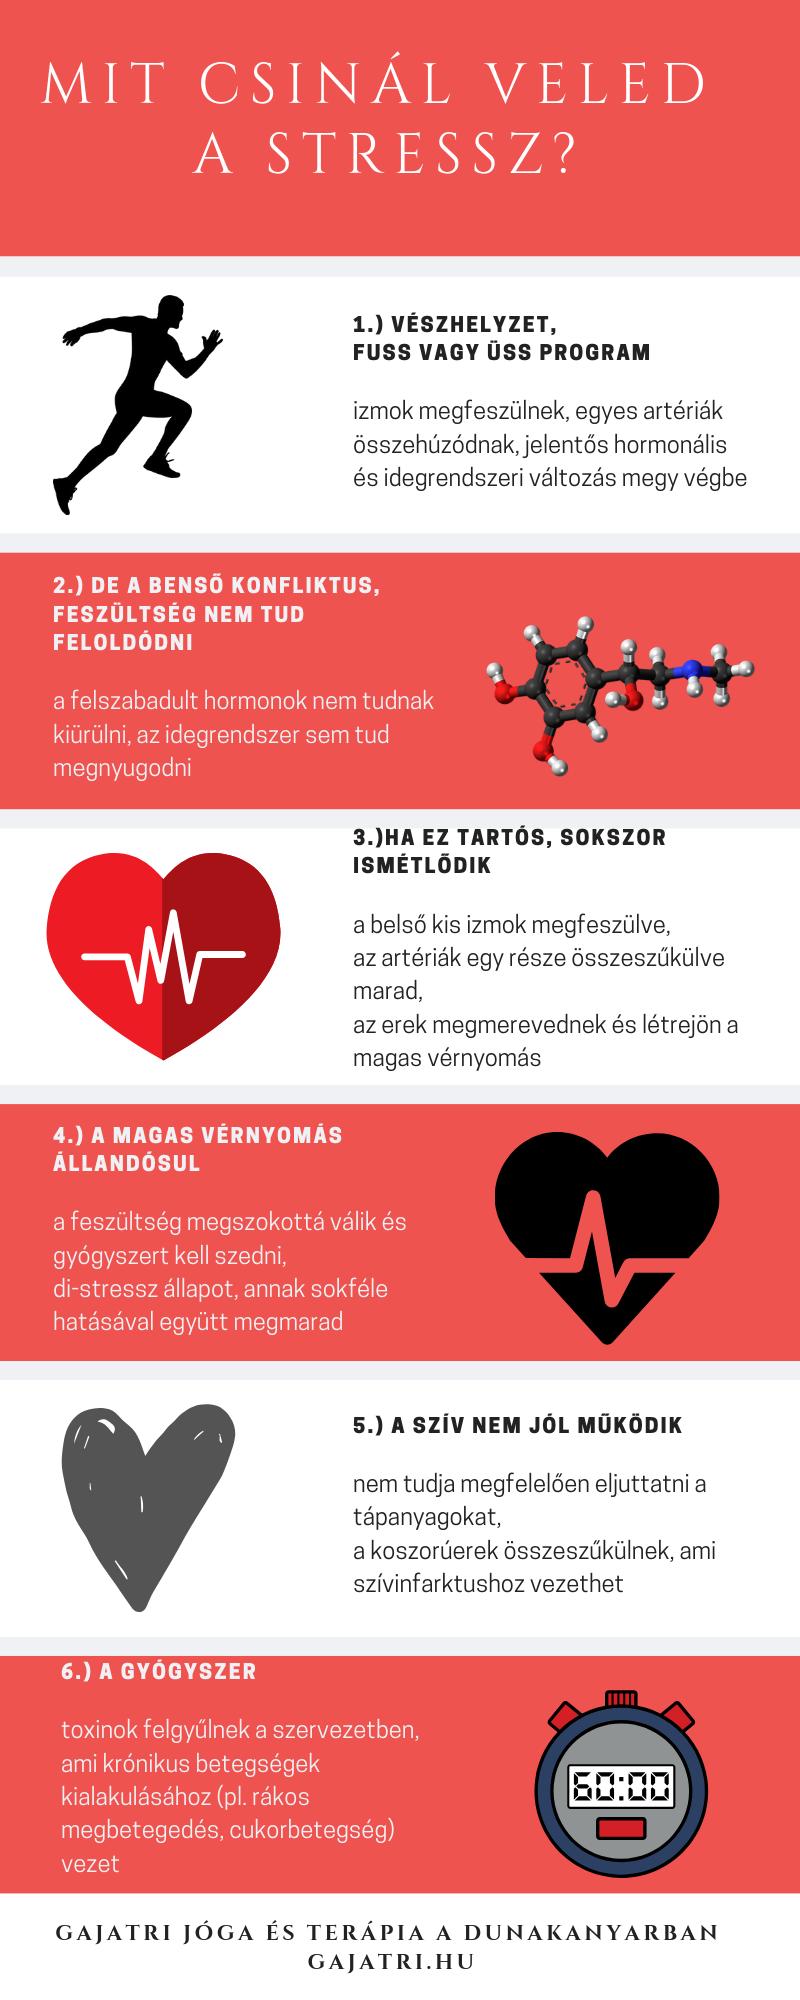 hogyan lehet csökkenteni a vérnyomás hipertóniáját új a tabletták nélküli magas vérnyomás kezelésében